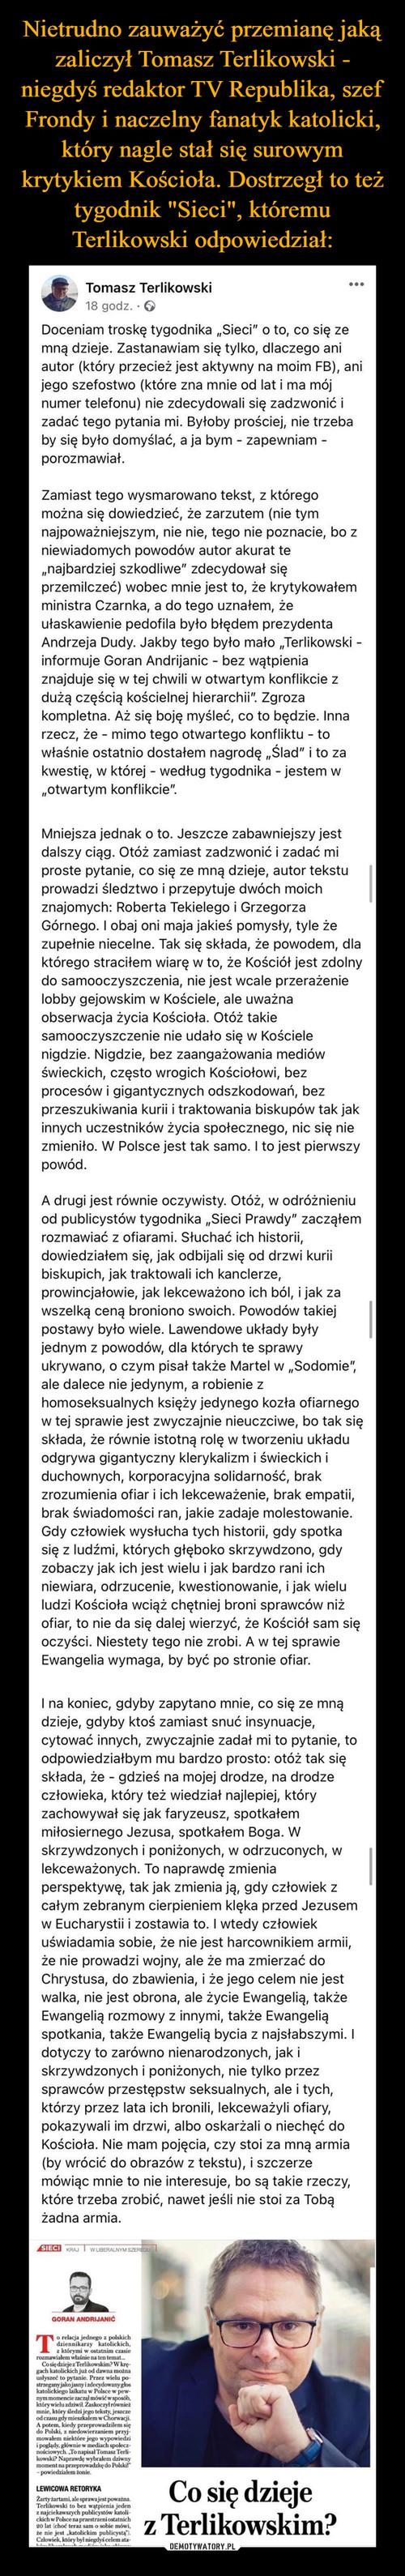 """Nietrudno zauważyć przemianę jaką zaliczył Tomasz Terlikowski - niegdyś redaktor TV Republika, szef Frondy i naczelny fanatyk katolicki, który nagle stał się surowym krytykiem Kościoła. Dostrzegł to też tygodnik """"Sieci"""", któremu Terlikowski odpowiedział:"""